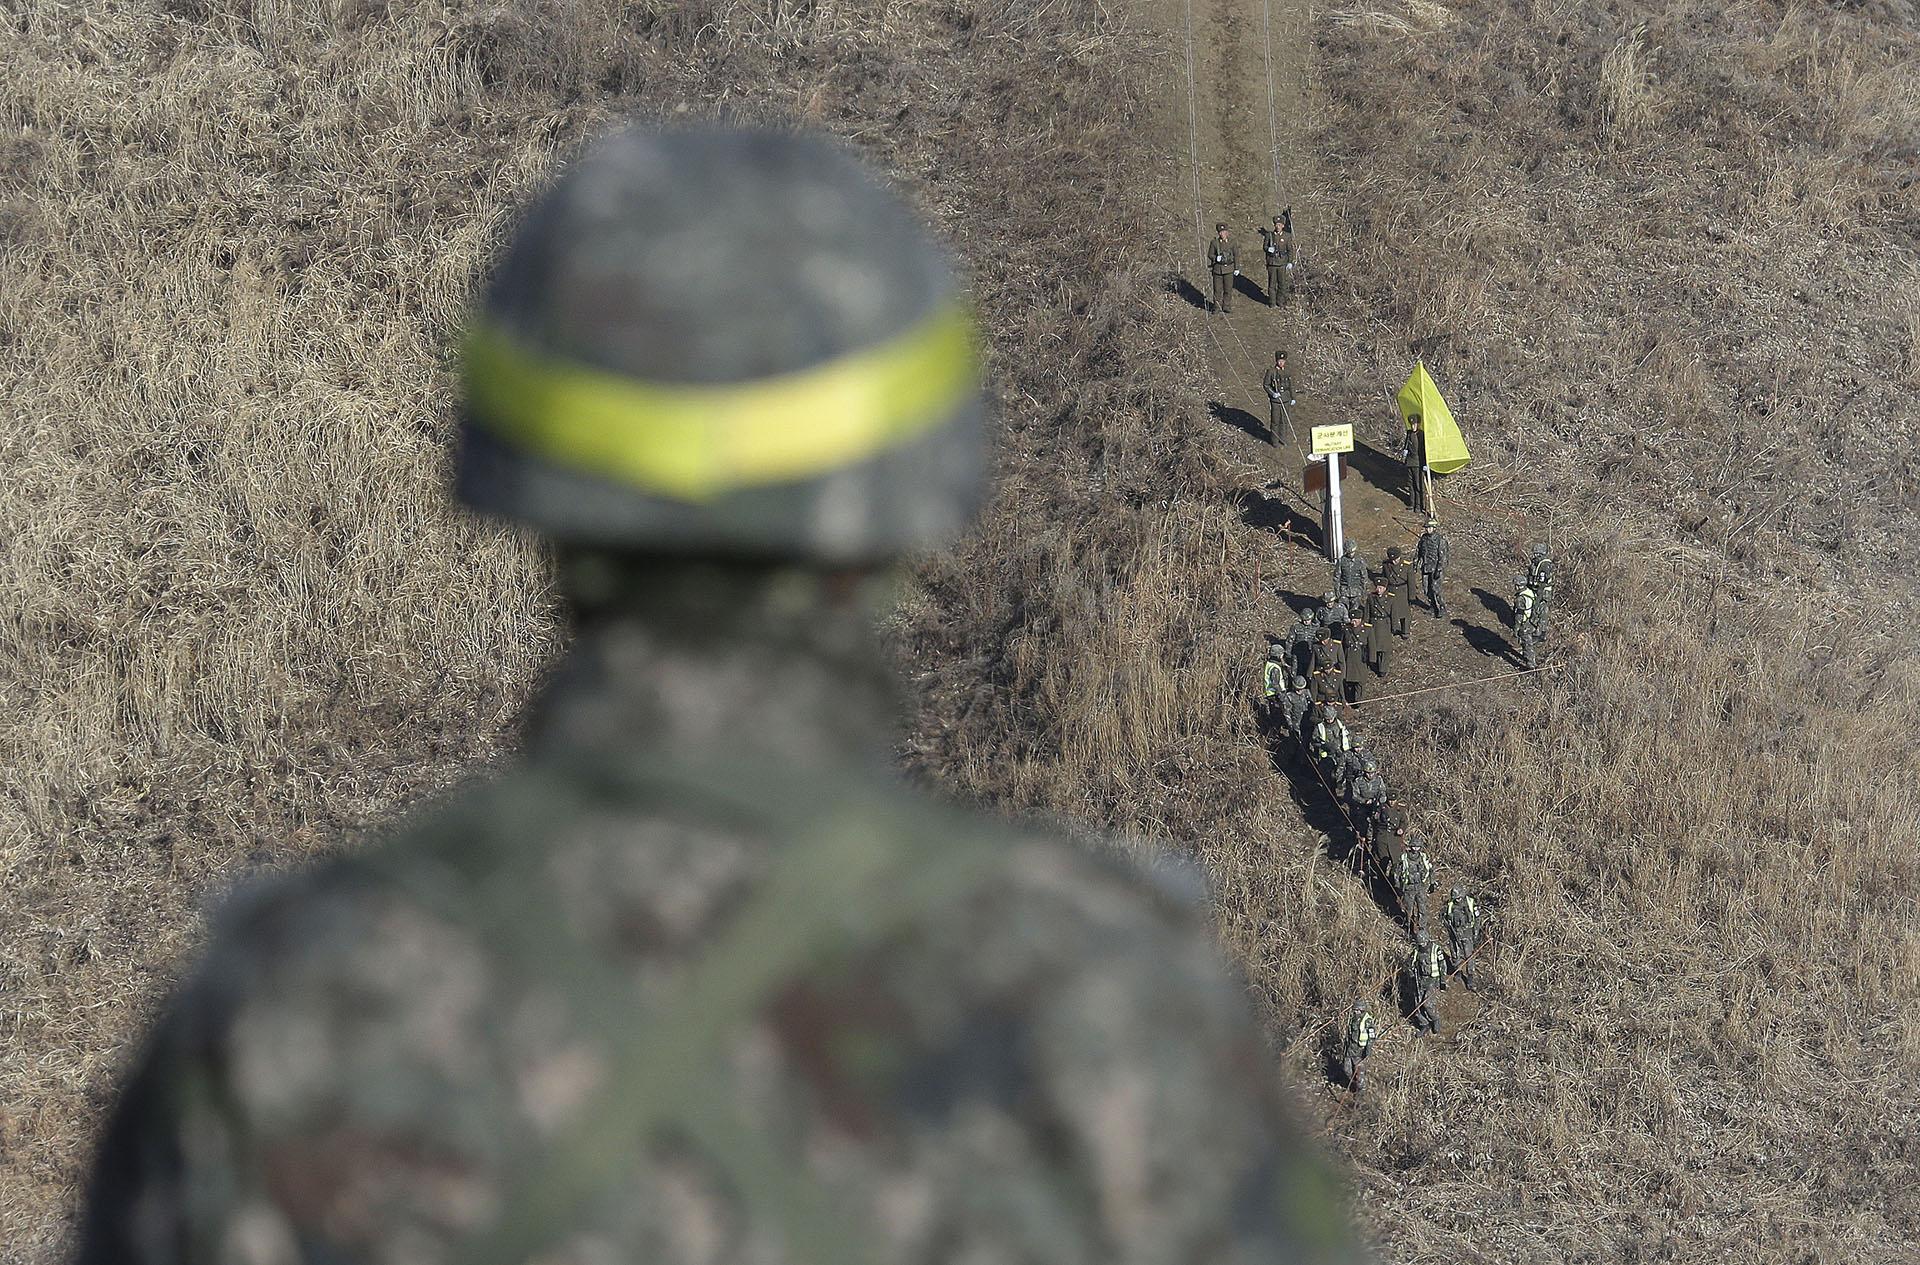 Soldados norcoreanos (arriba) son recibidos por soldados surcoreanos antes de cruzar la Línea de Demarcación Militar dentro de la Zona Desmilitarizada (DMZ) en Cheorwon. (AFP)